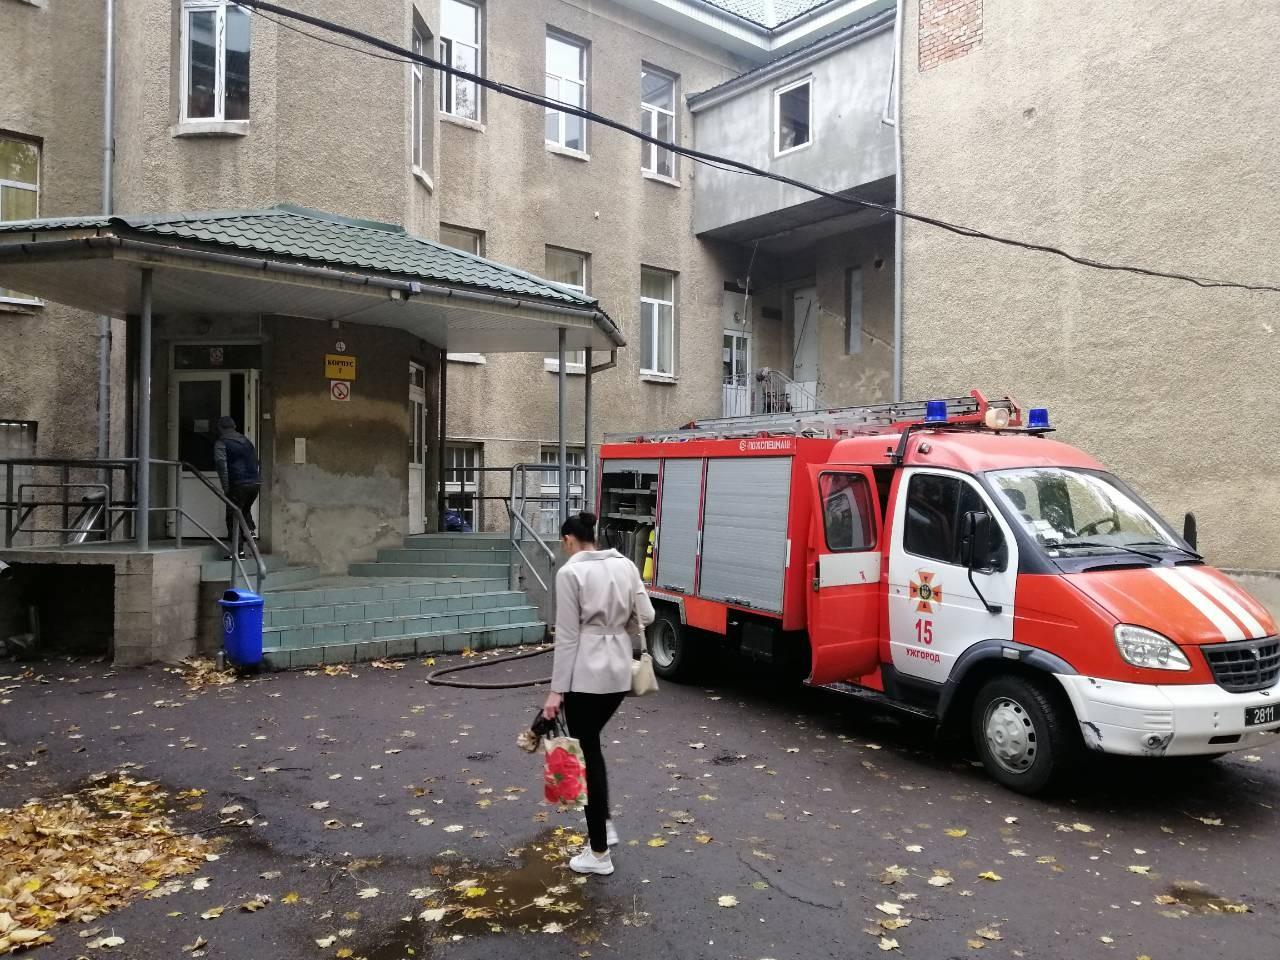 Через аварію на водозаборі Минай рятувальники підвозять воду для потреб установ та населення Ужгорода